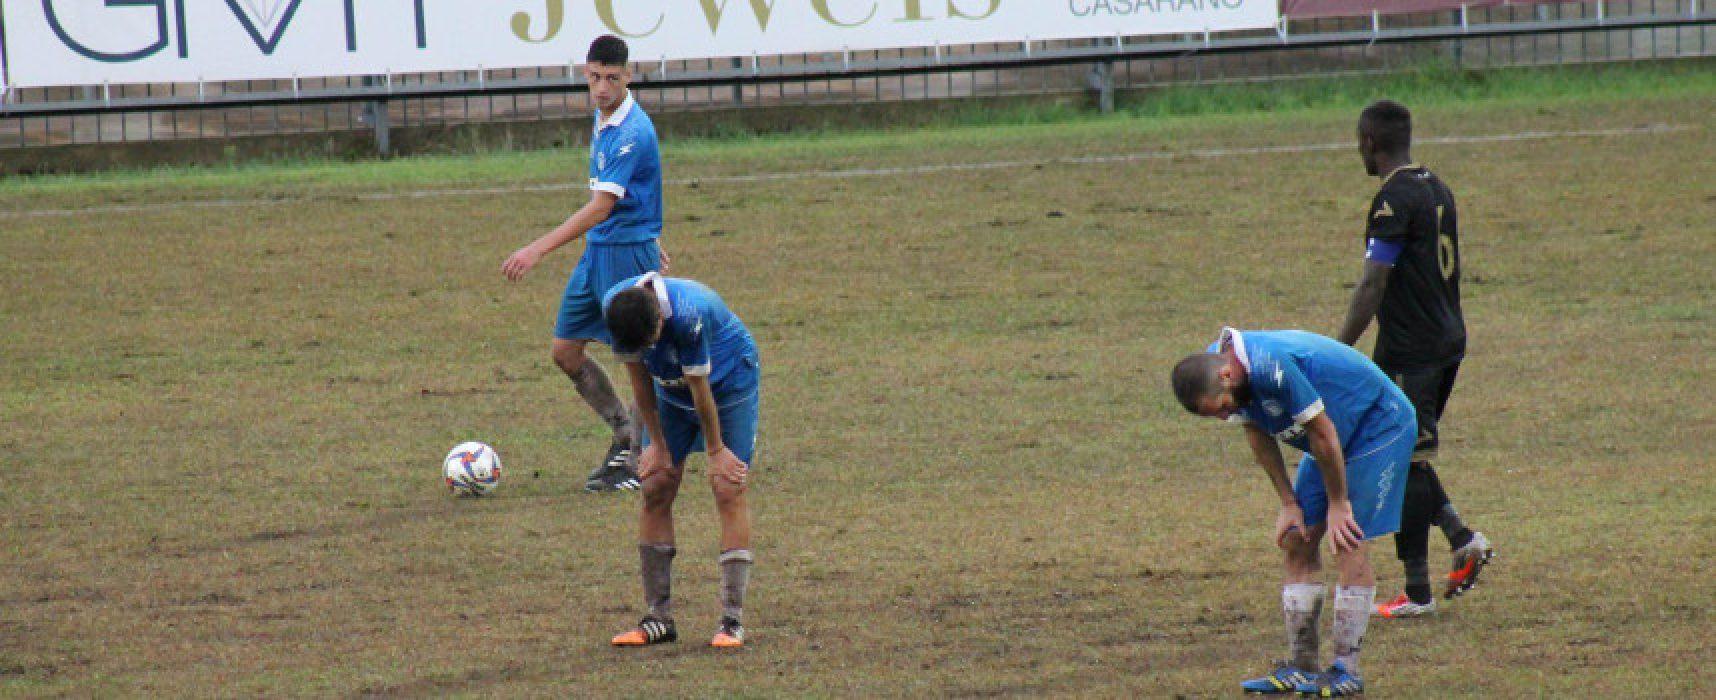 Unione Calcio, sconfitta di rigore a Casarano/VIDEO HIGHLIGHTS